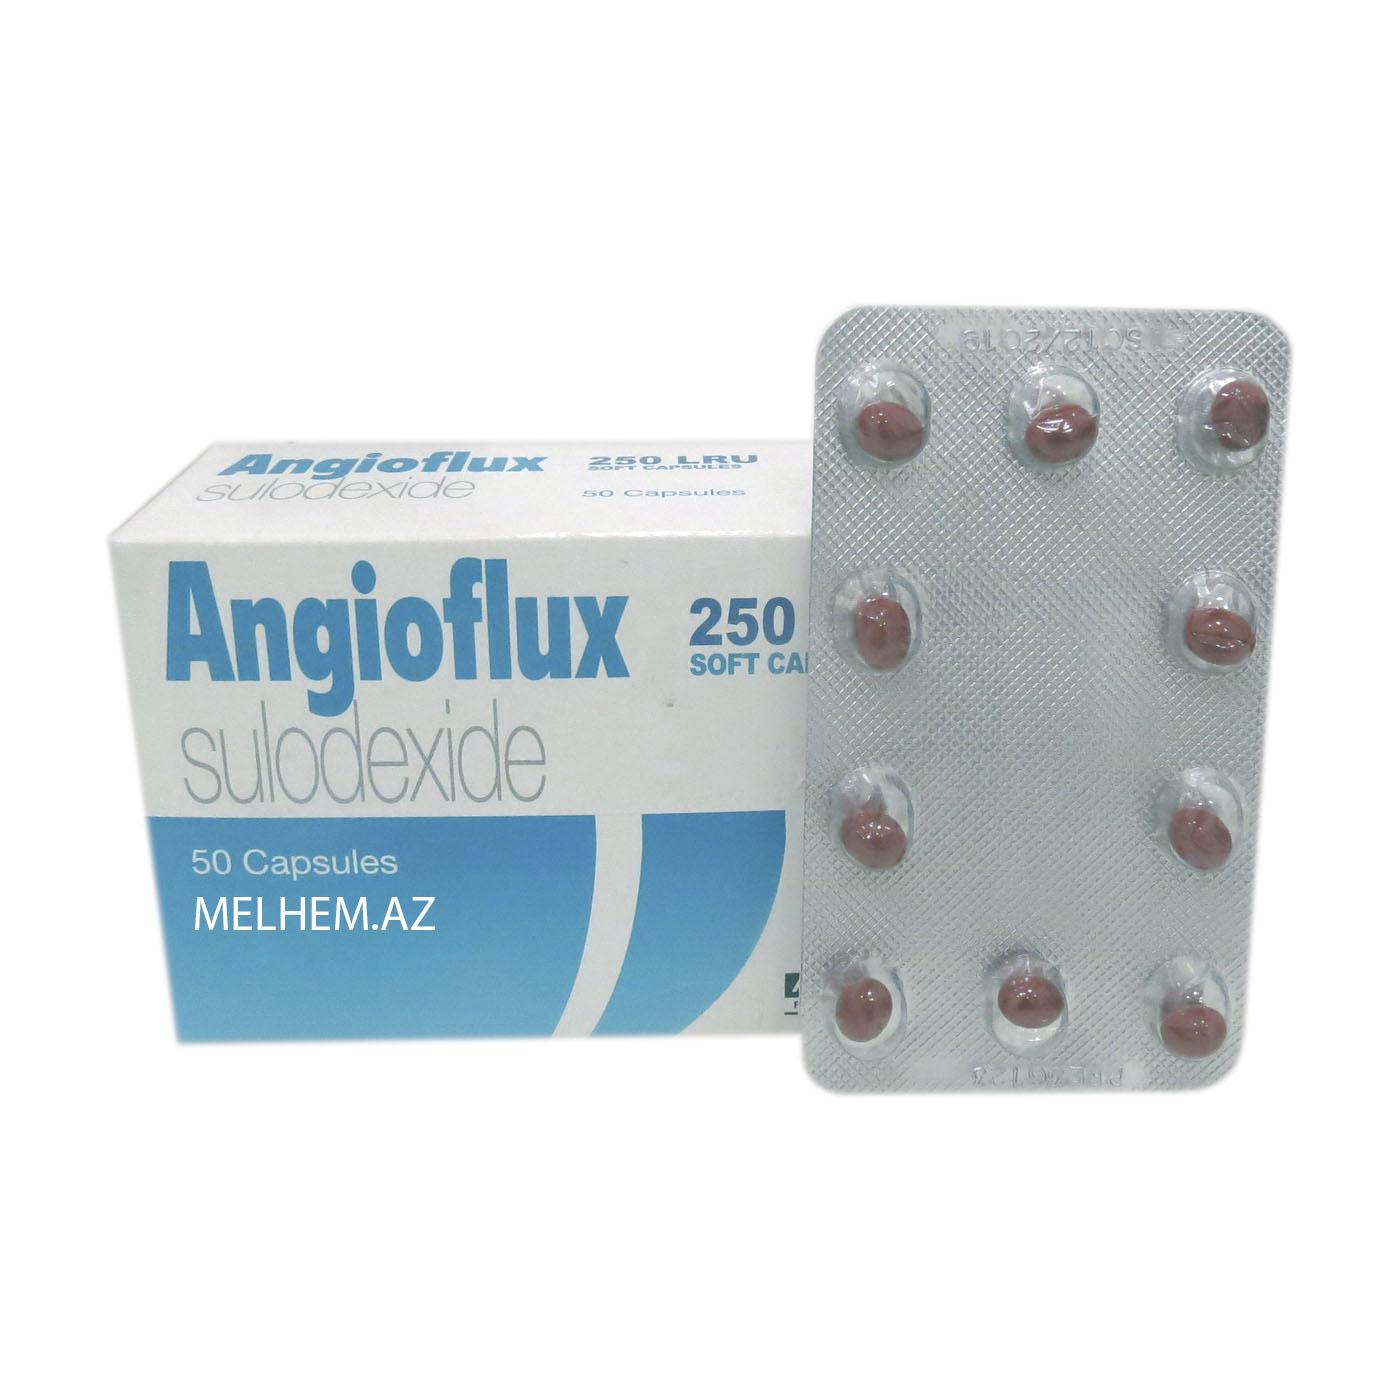 ANGIOFLUX 250